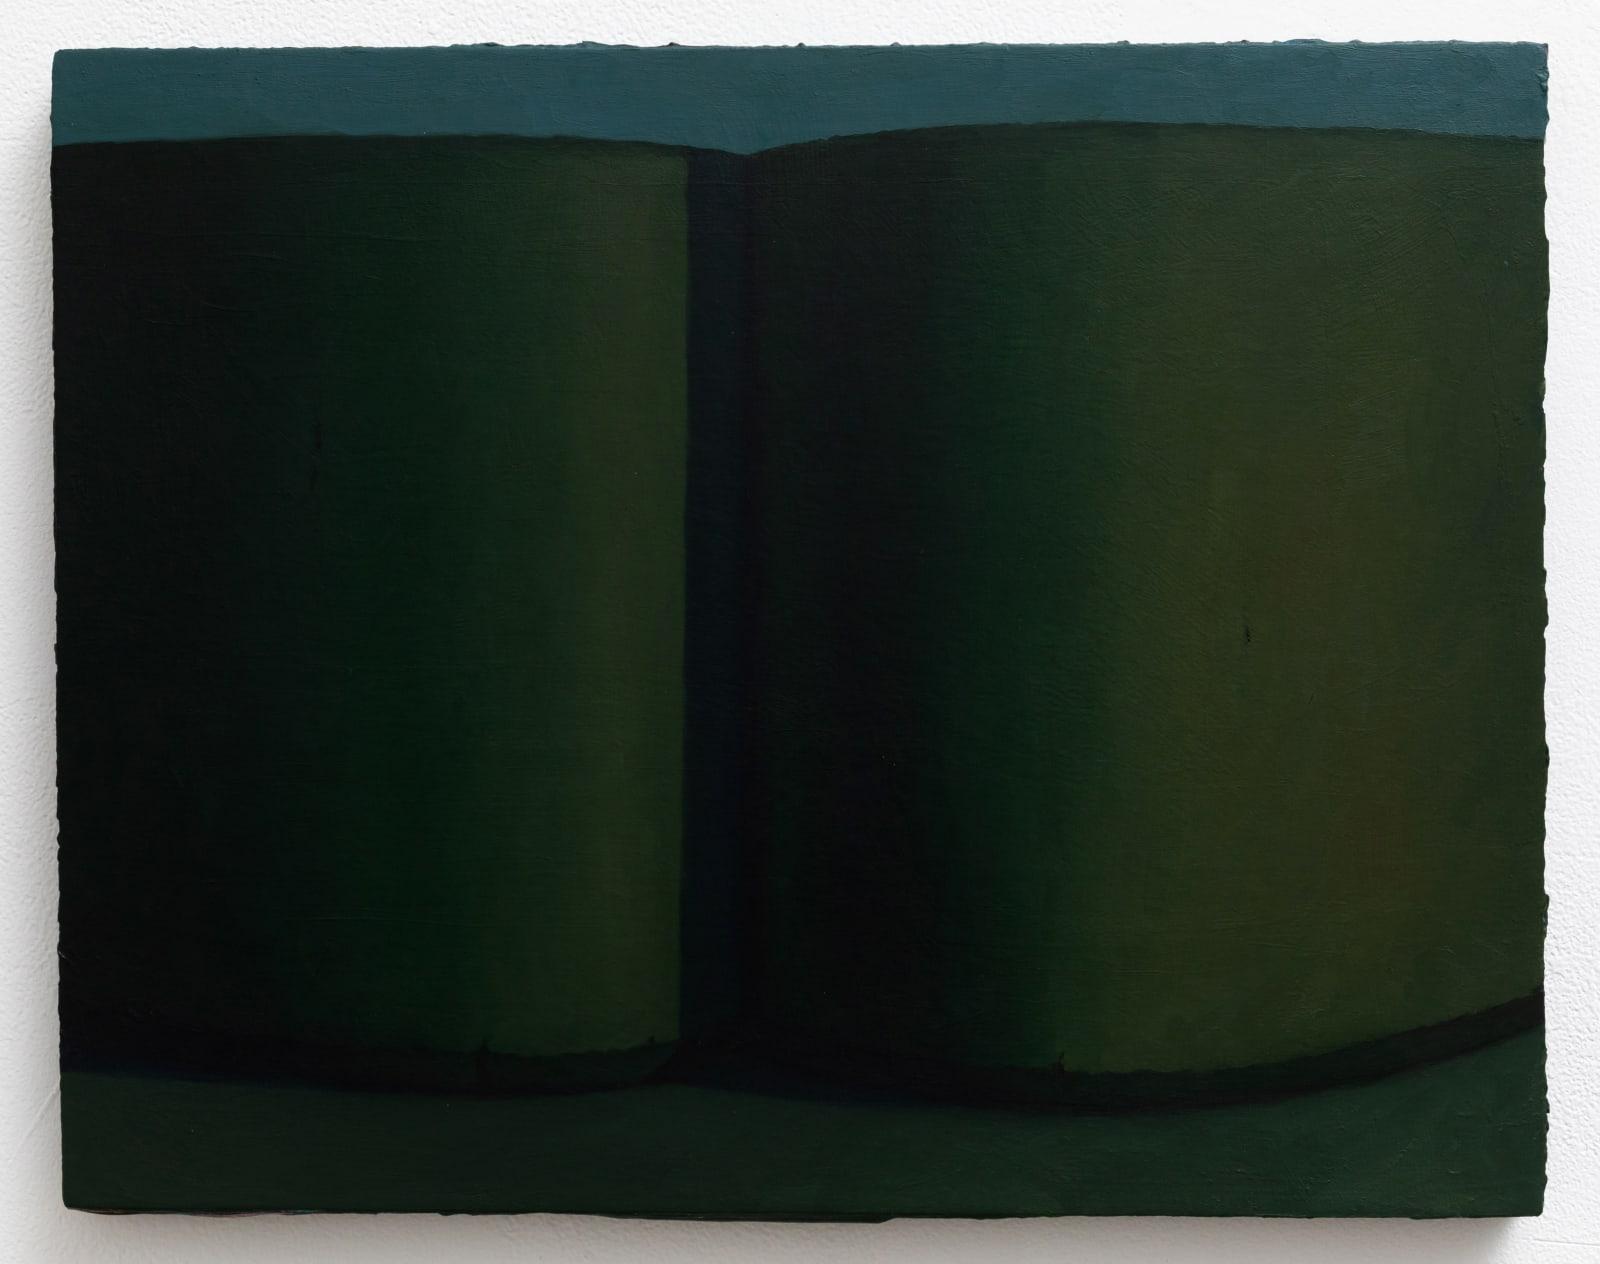 Sarah Schlesinger, Boundary, 2021